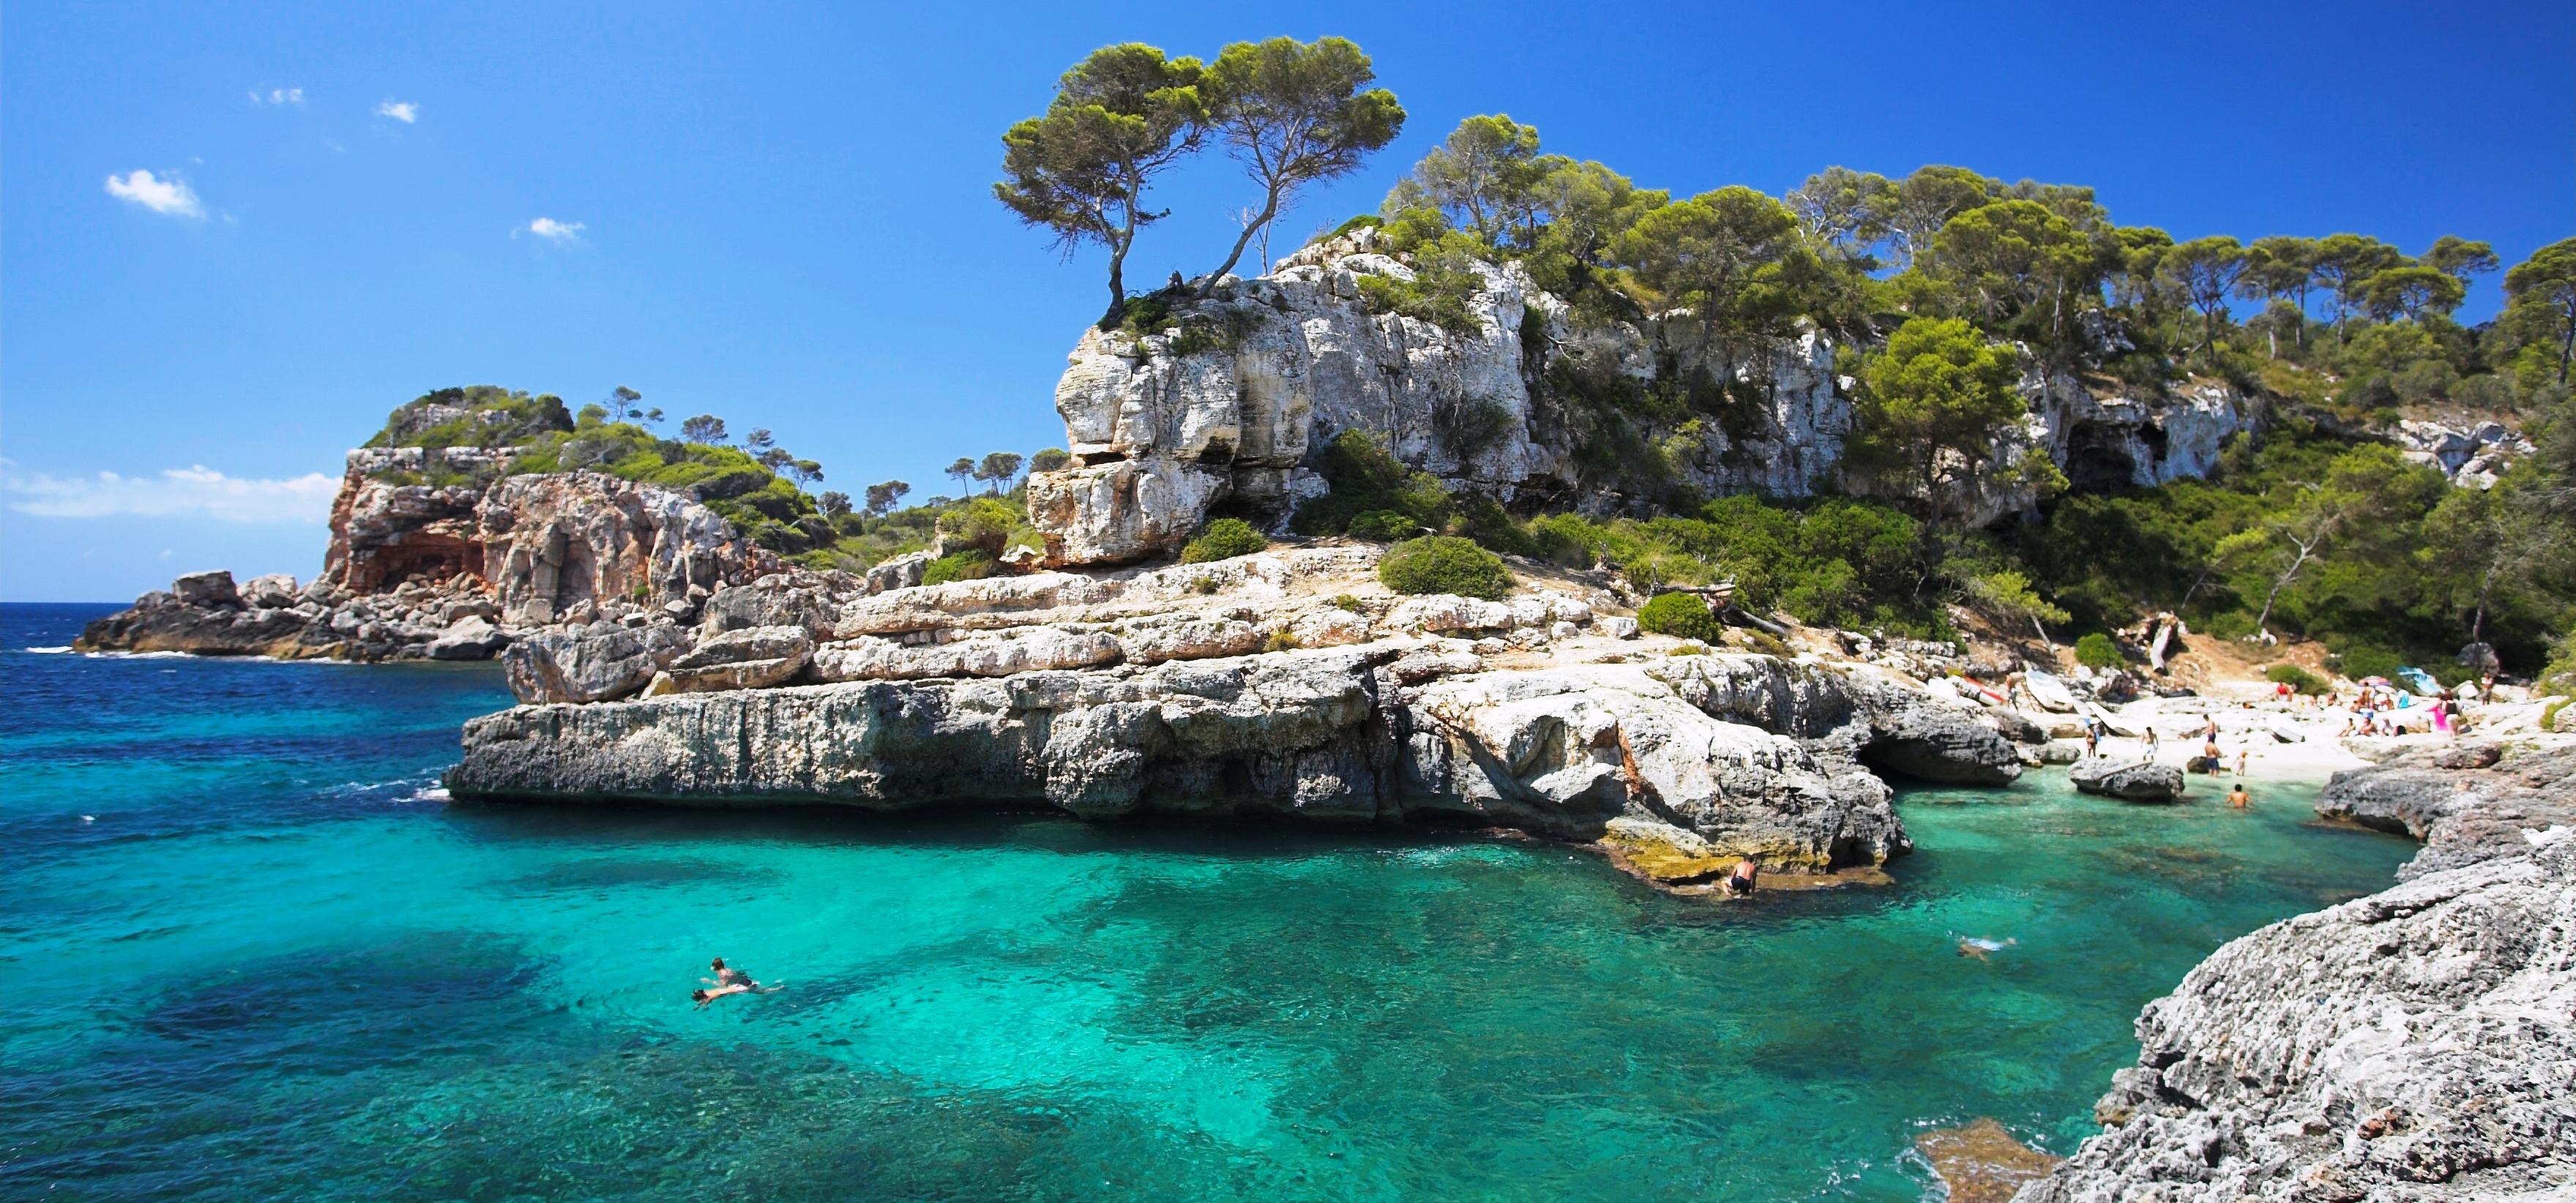 112 islas baleares en la playa seguros - Islas de baleares ...